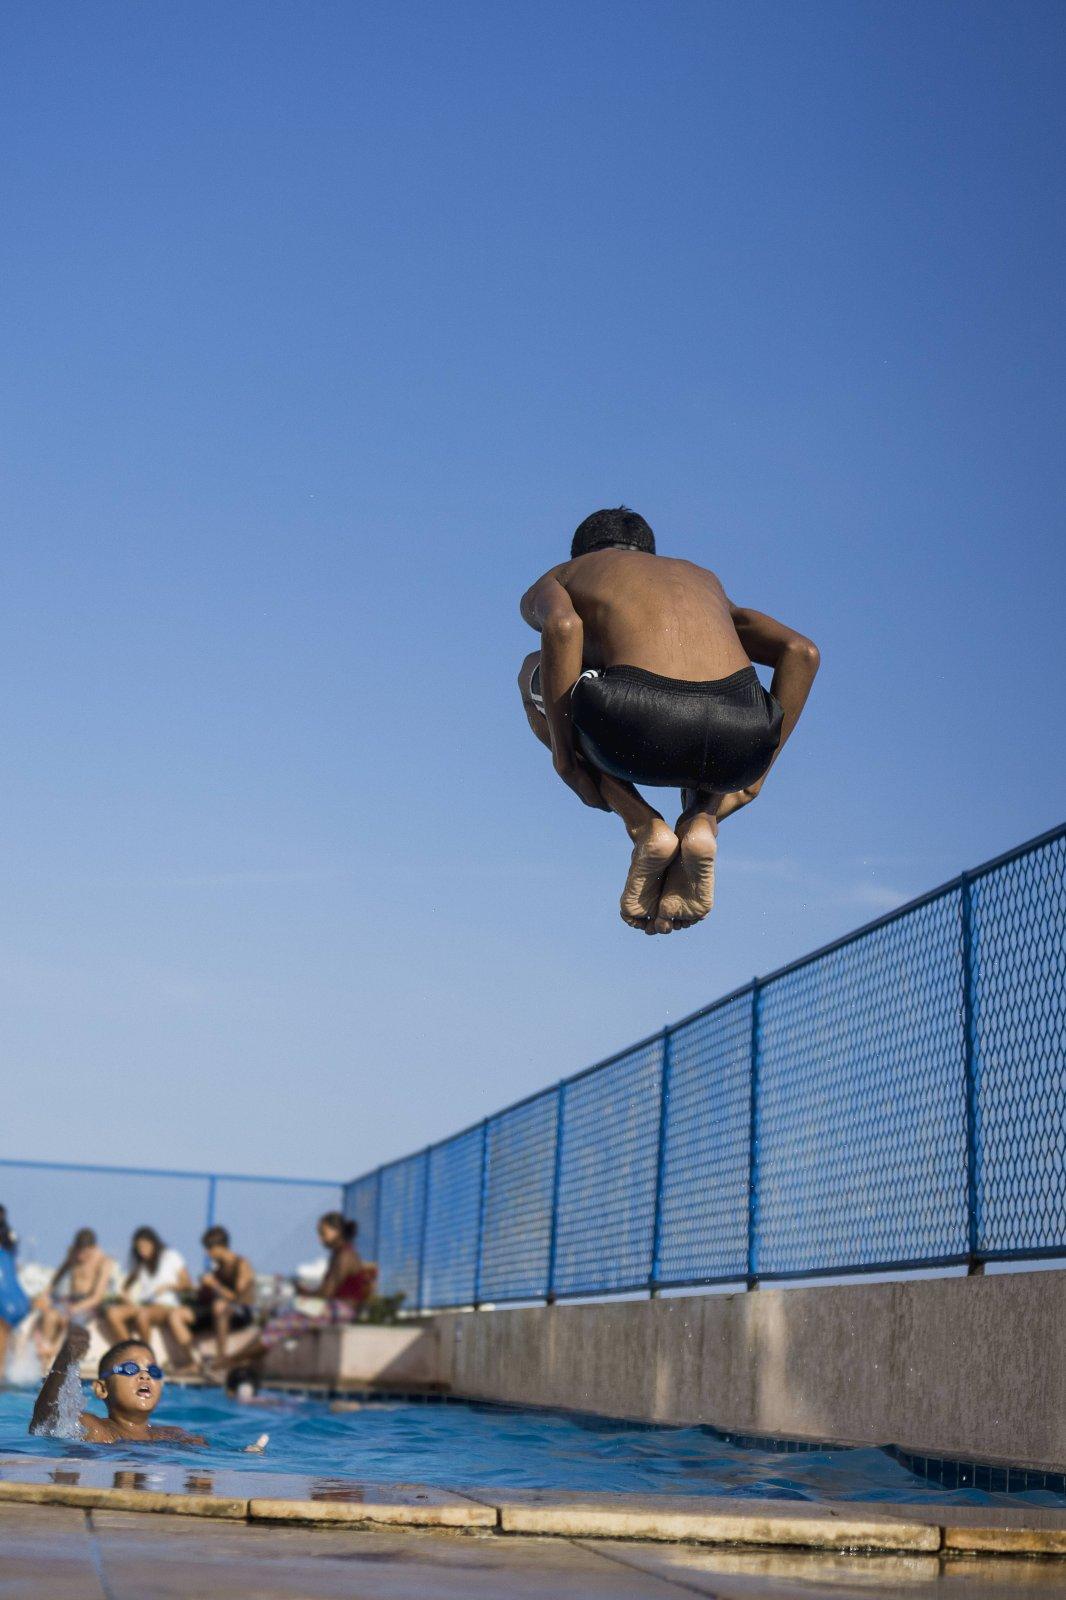 Ein Junge springt in den Swimming Pool